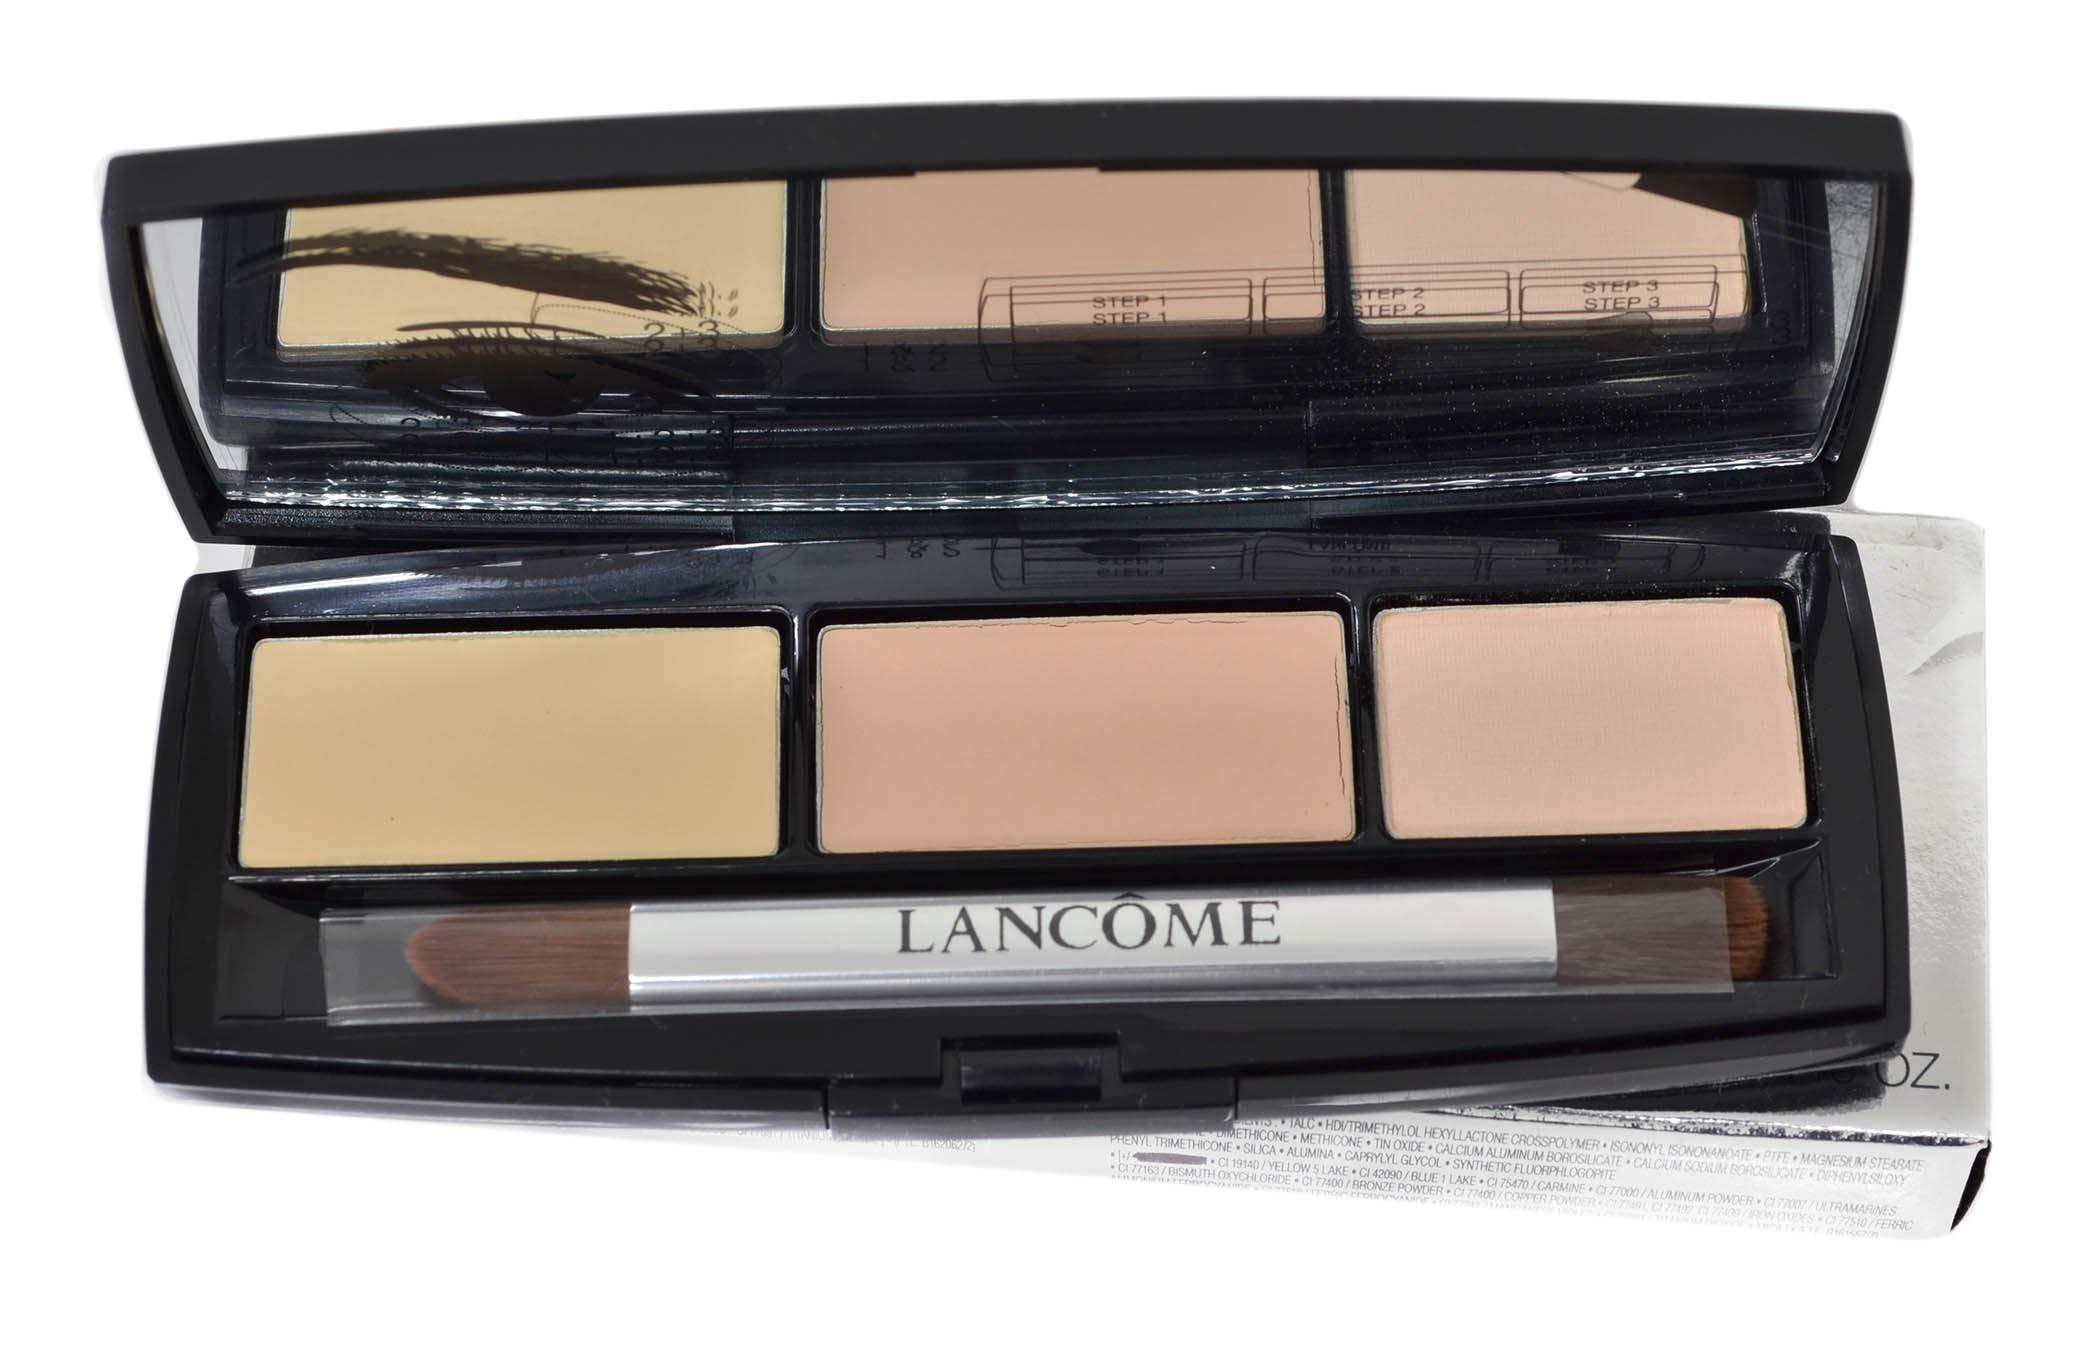 Lancôme Le Correcteur Pro Concealer Palette (BUFF 200W) With FREE Gift Bag